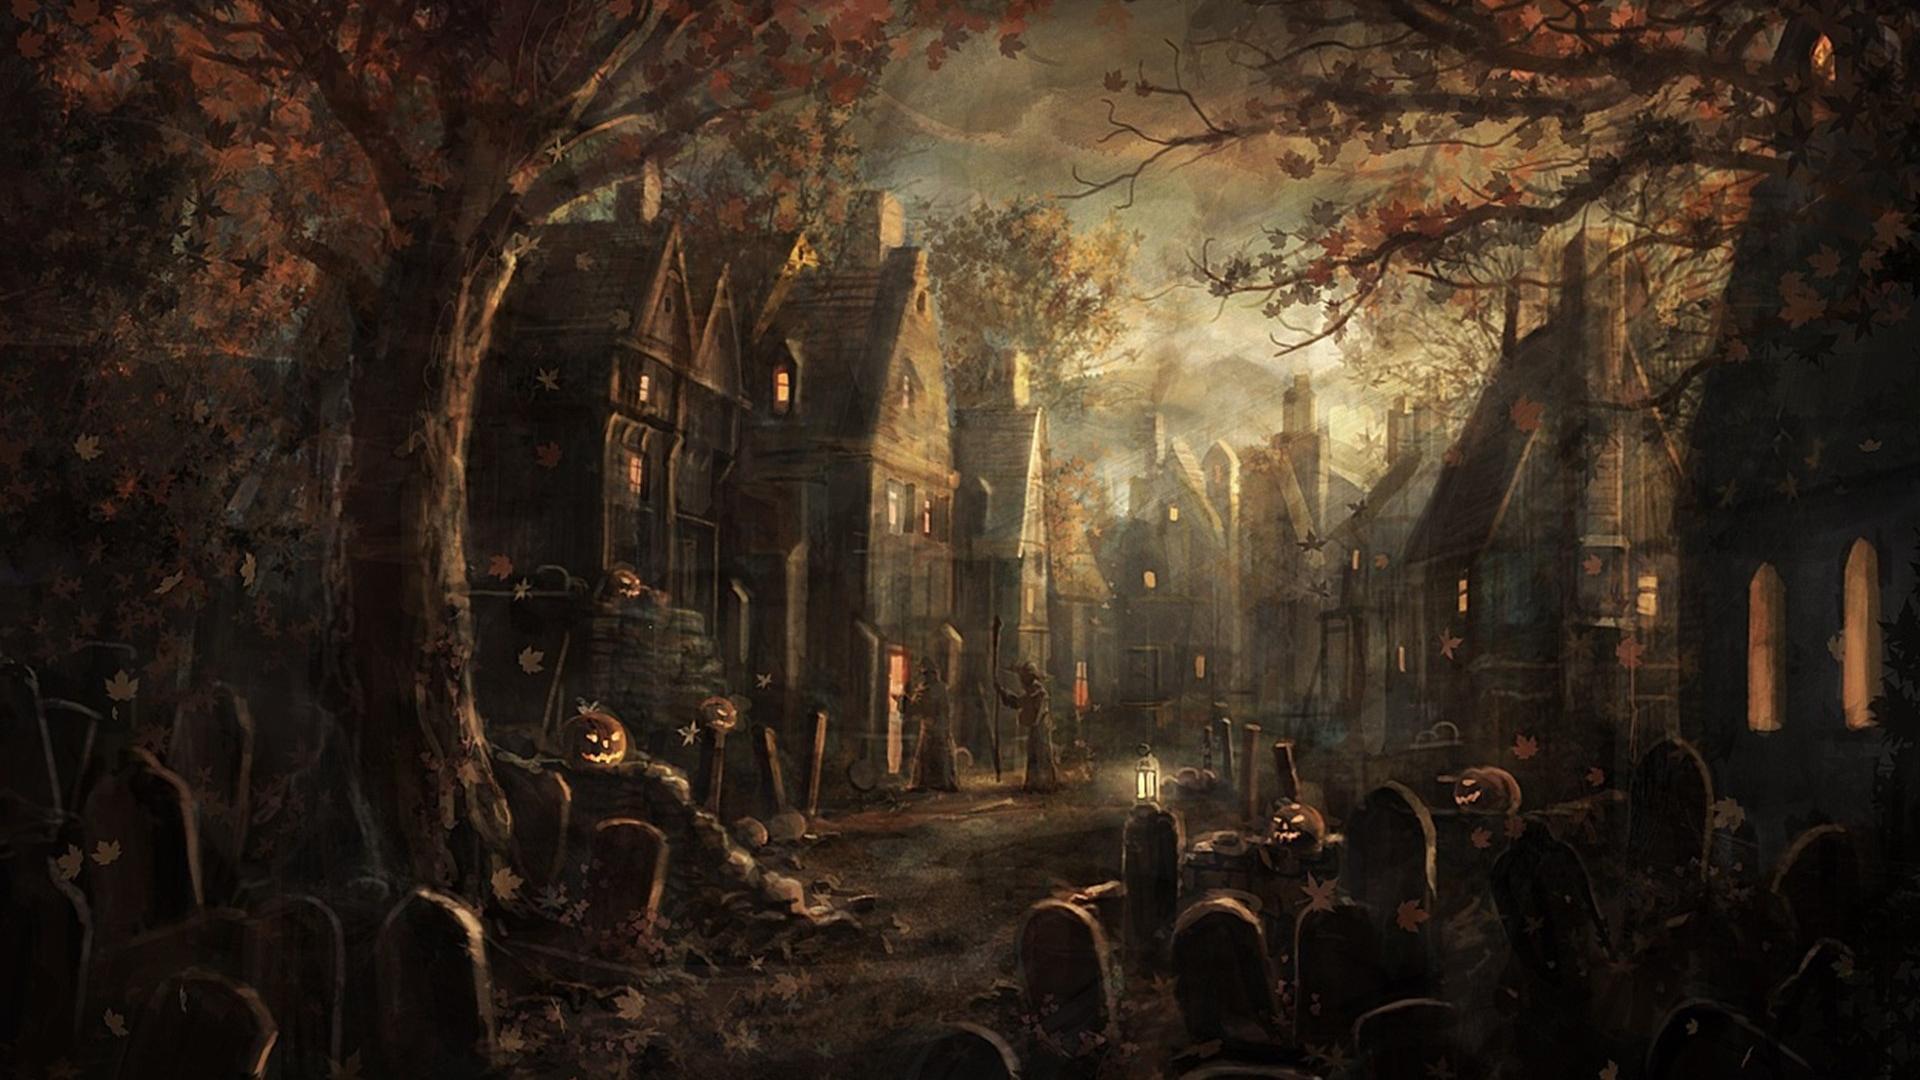 hd halloween wallpaper 1920x1080 viewing gallery - Halloween Wallpapaer